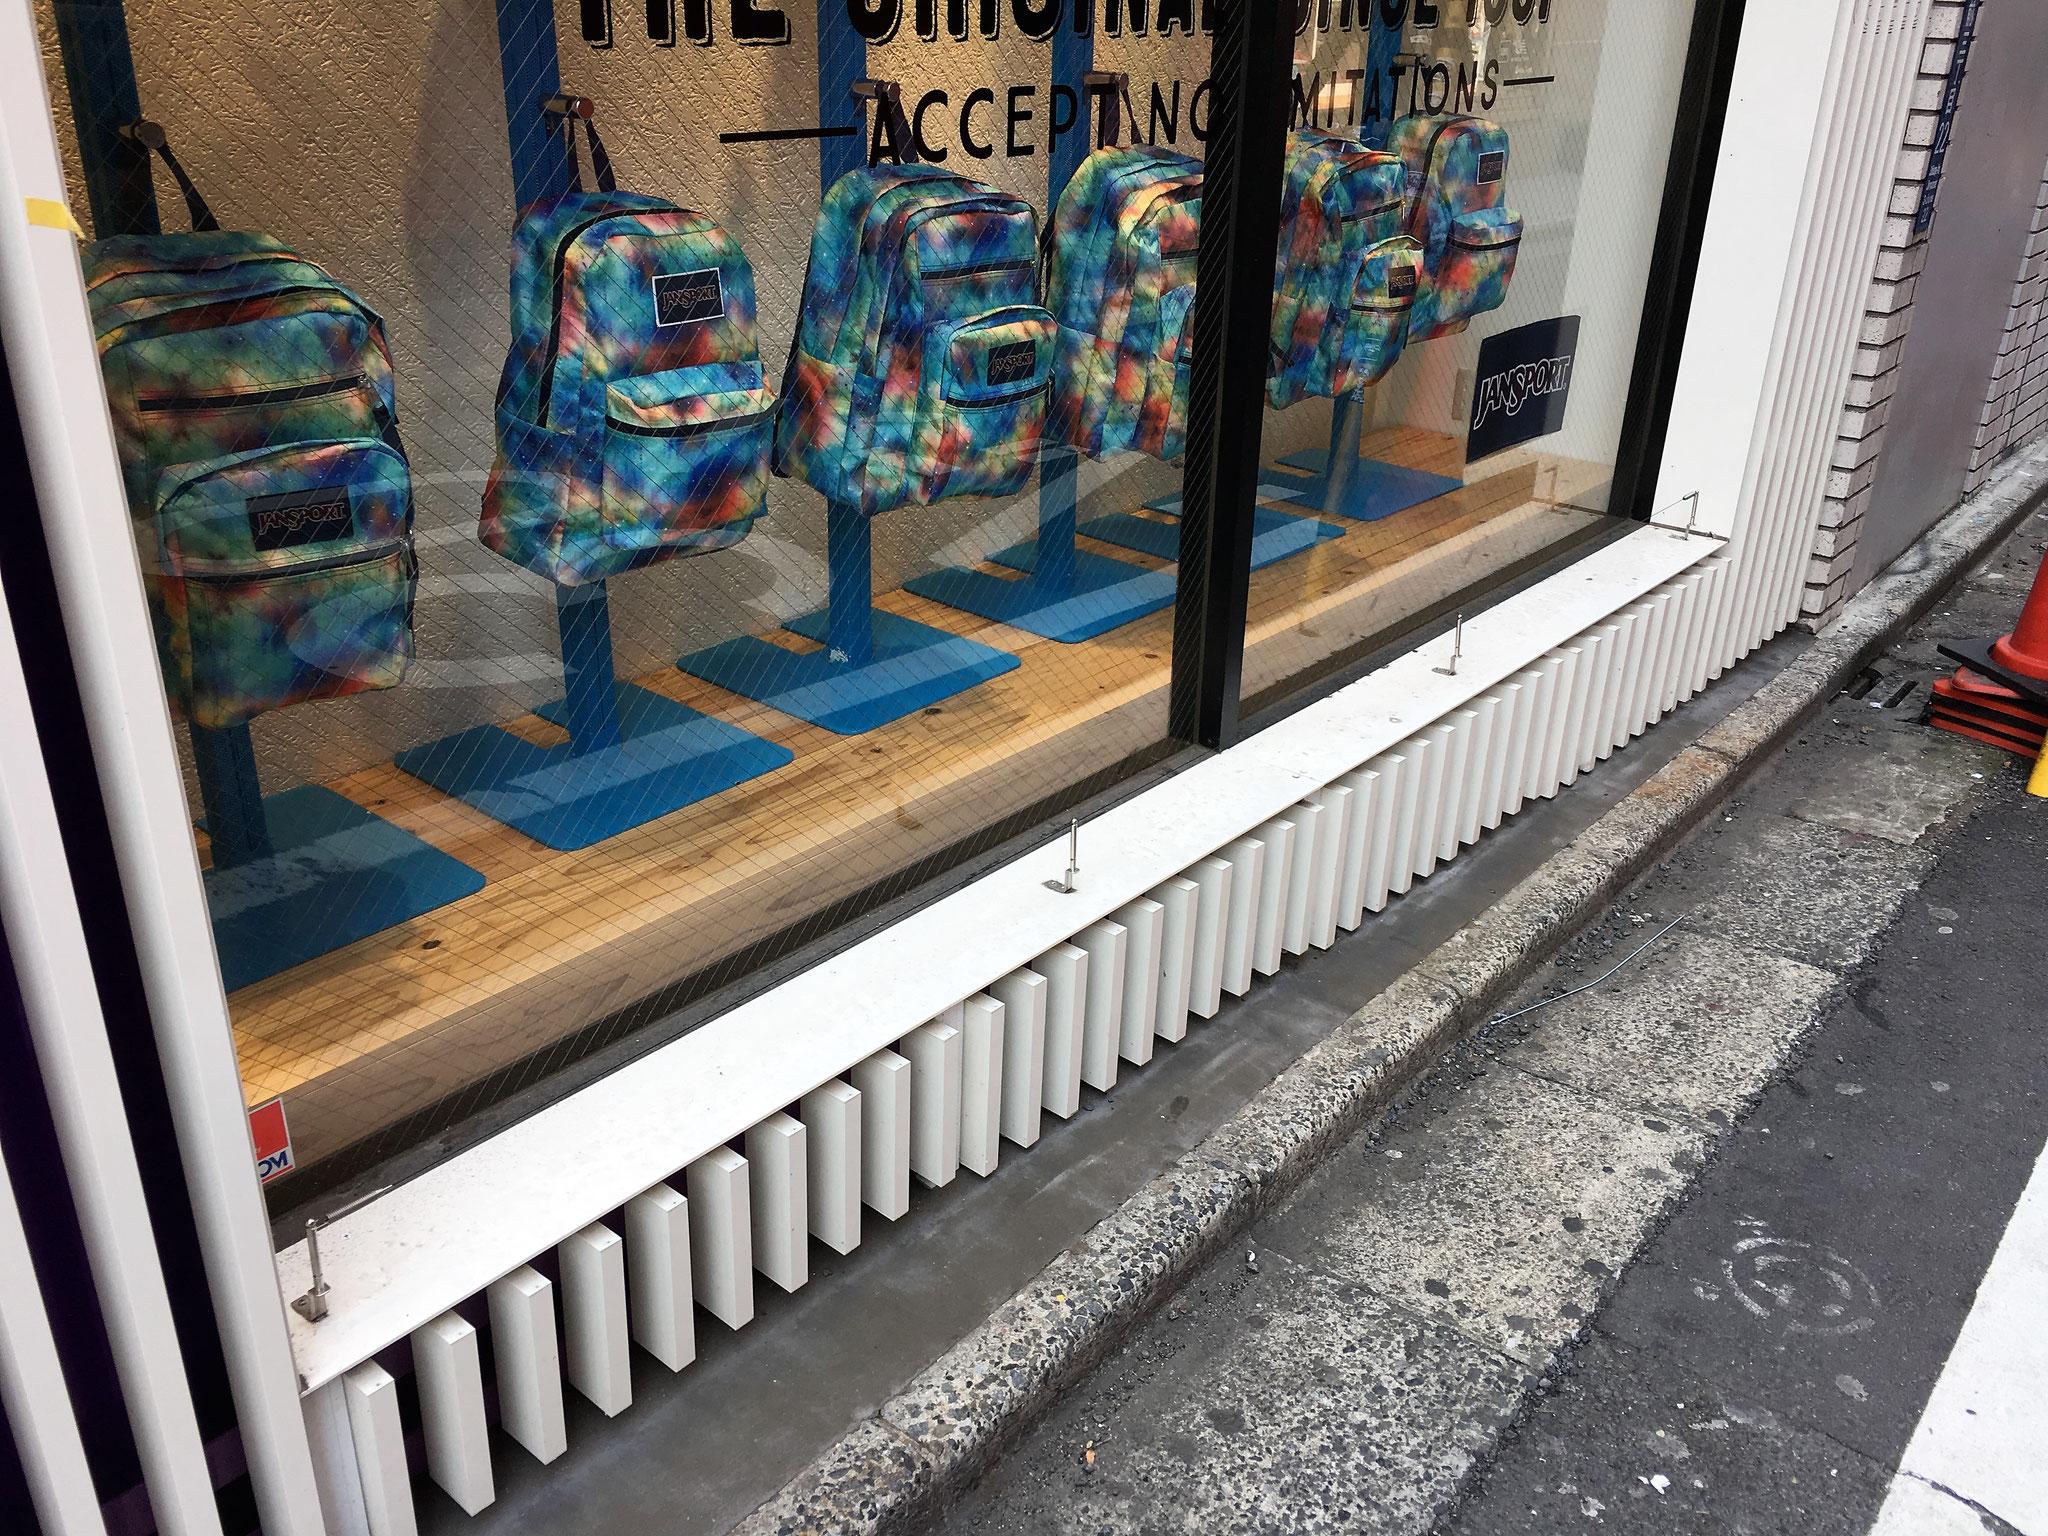 ムラサキスポーツ 原宿明治通り店  / 東京都渋谷区/2016.9.30